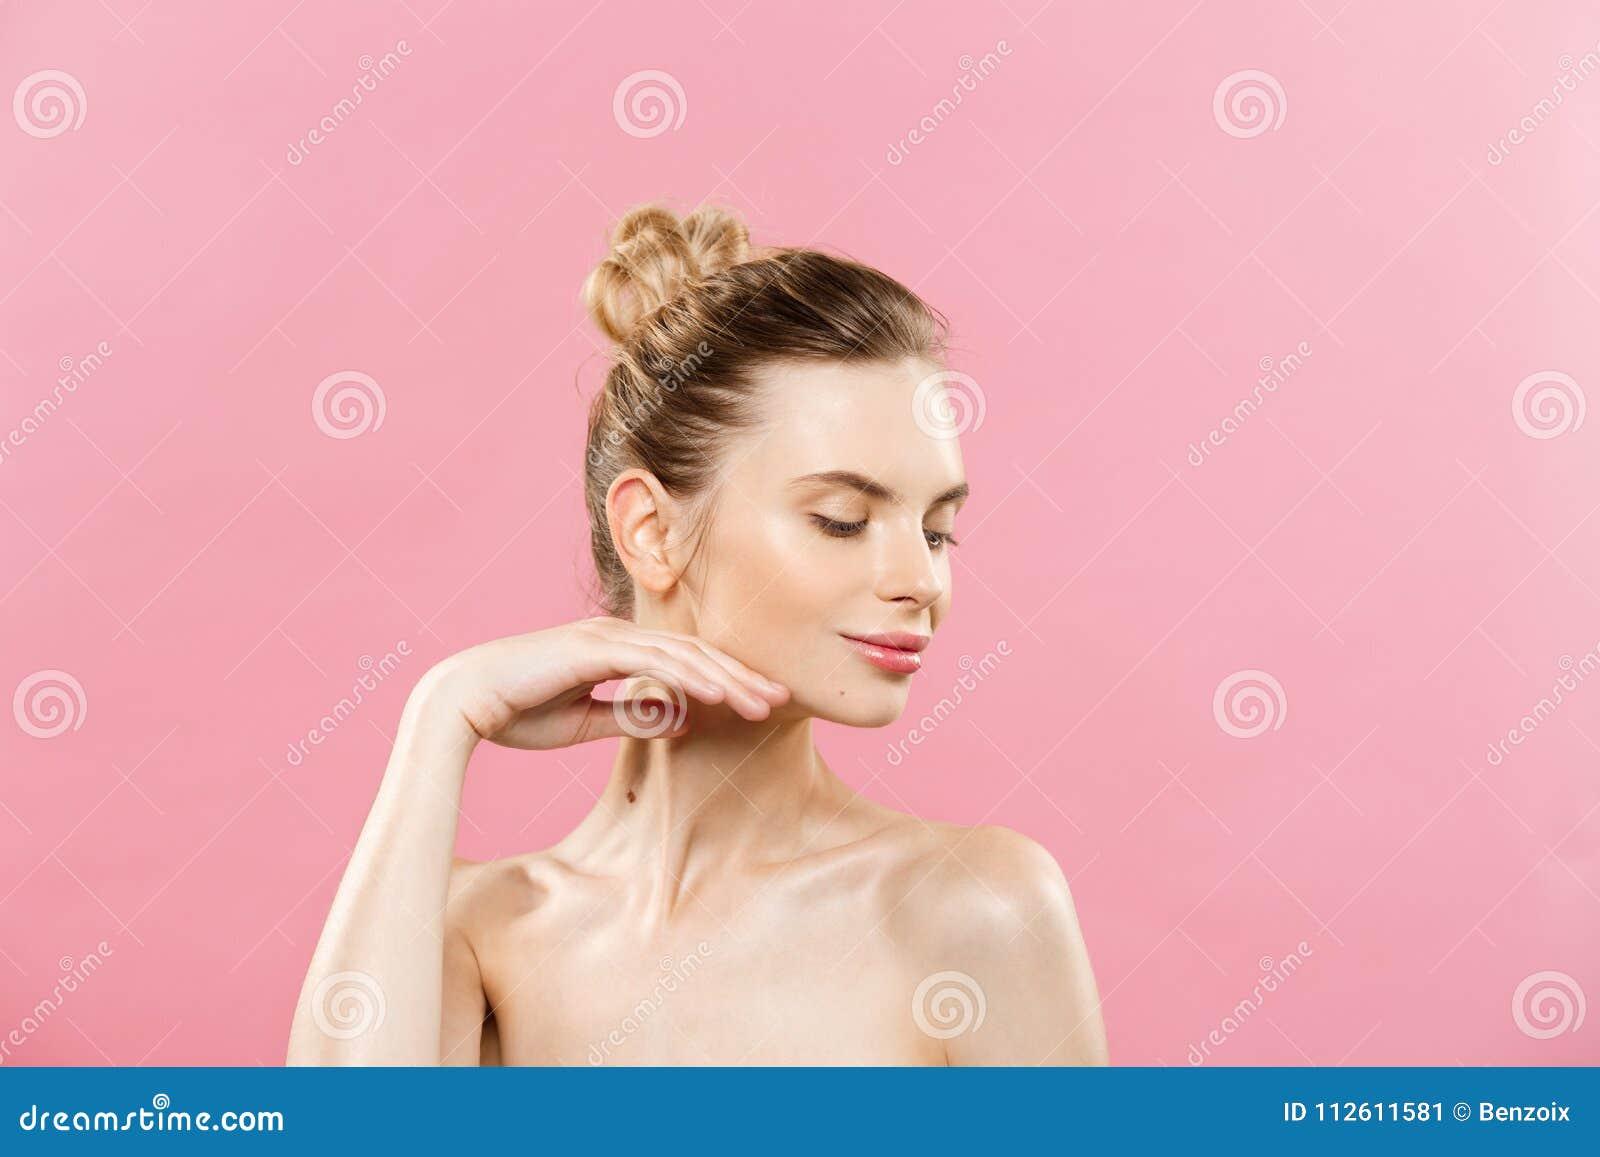 Schoonheidsconcept - Mooie Kaukasische vrouw met schone huid, natuurlijke die samenstelling op heldere roze achtergrond met exemp